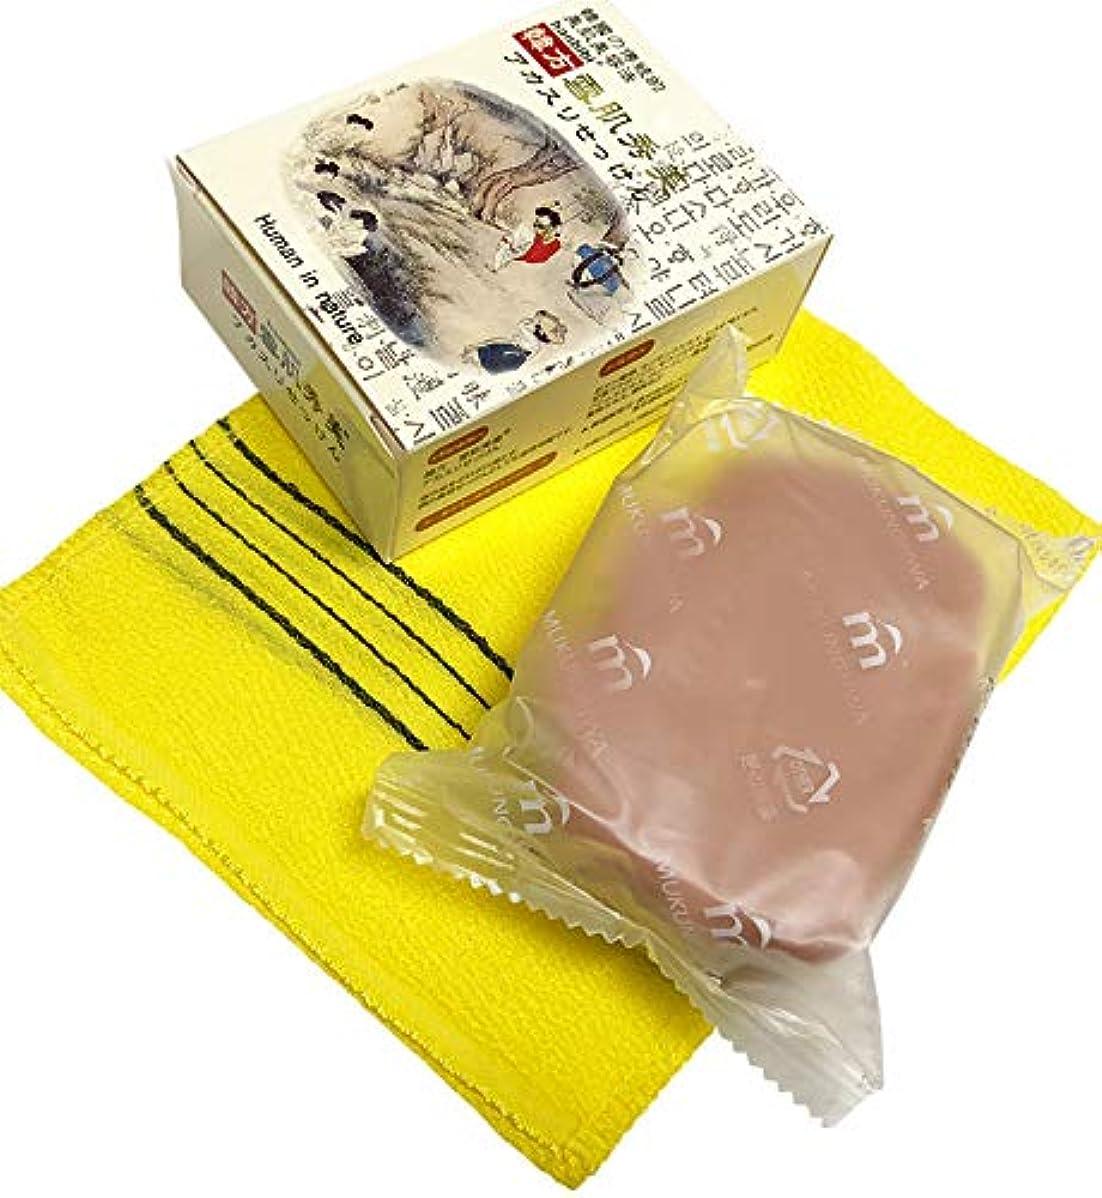 ペア座るポジション顔、体兼用、蜂蜜香りの韓方石ケン、韓国コスメ 韓方[雪肌美]蜂蜜アカスリせっけん アカスリ専用タオル付き